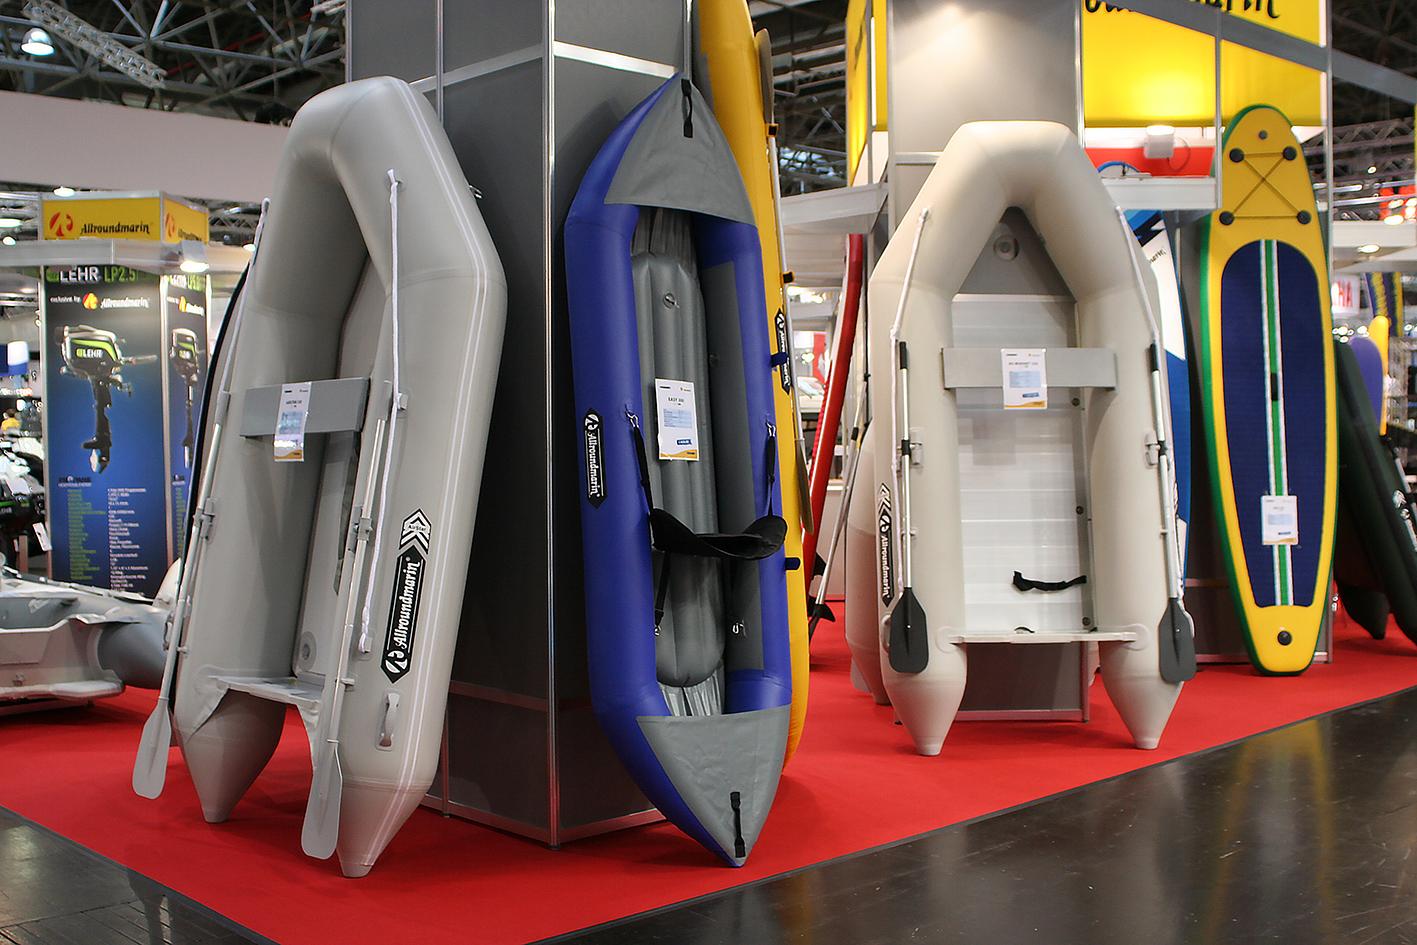 Messestand Messe Düsseldorf Schlauchboote Allroundmarin